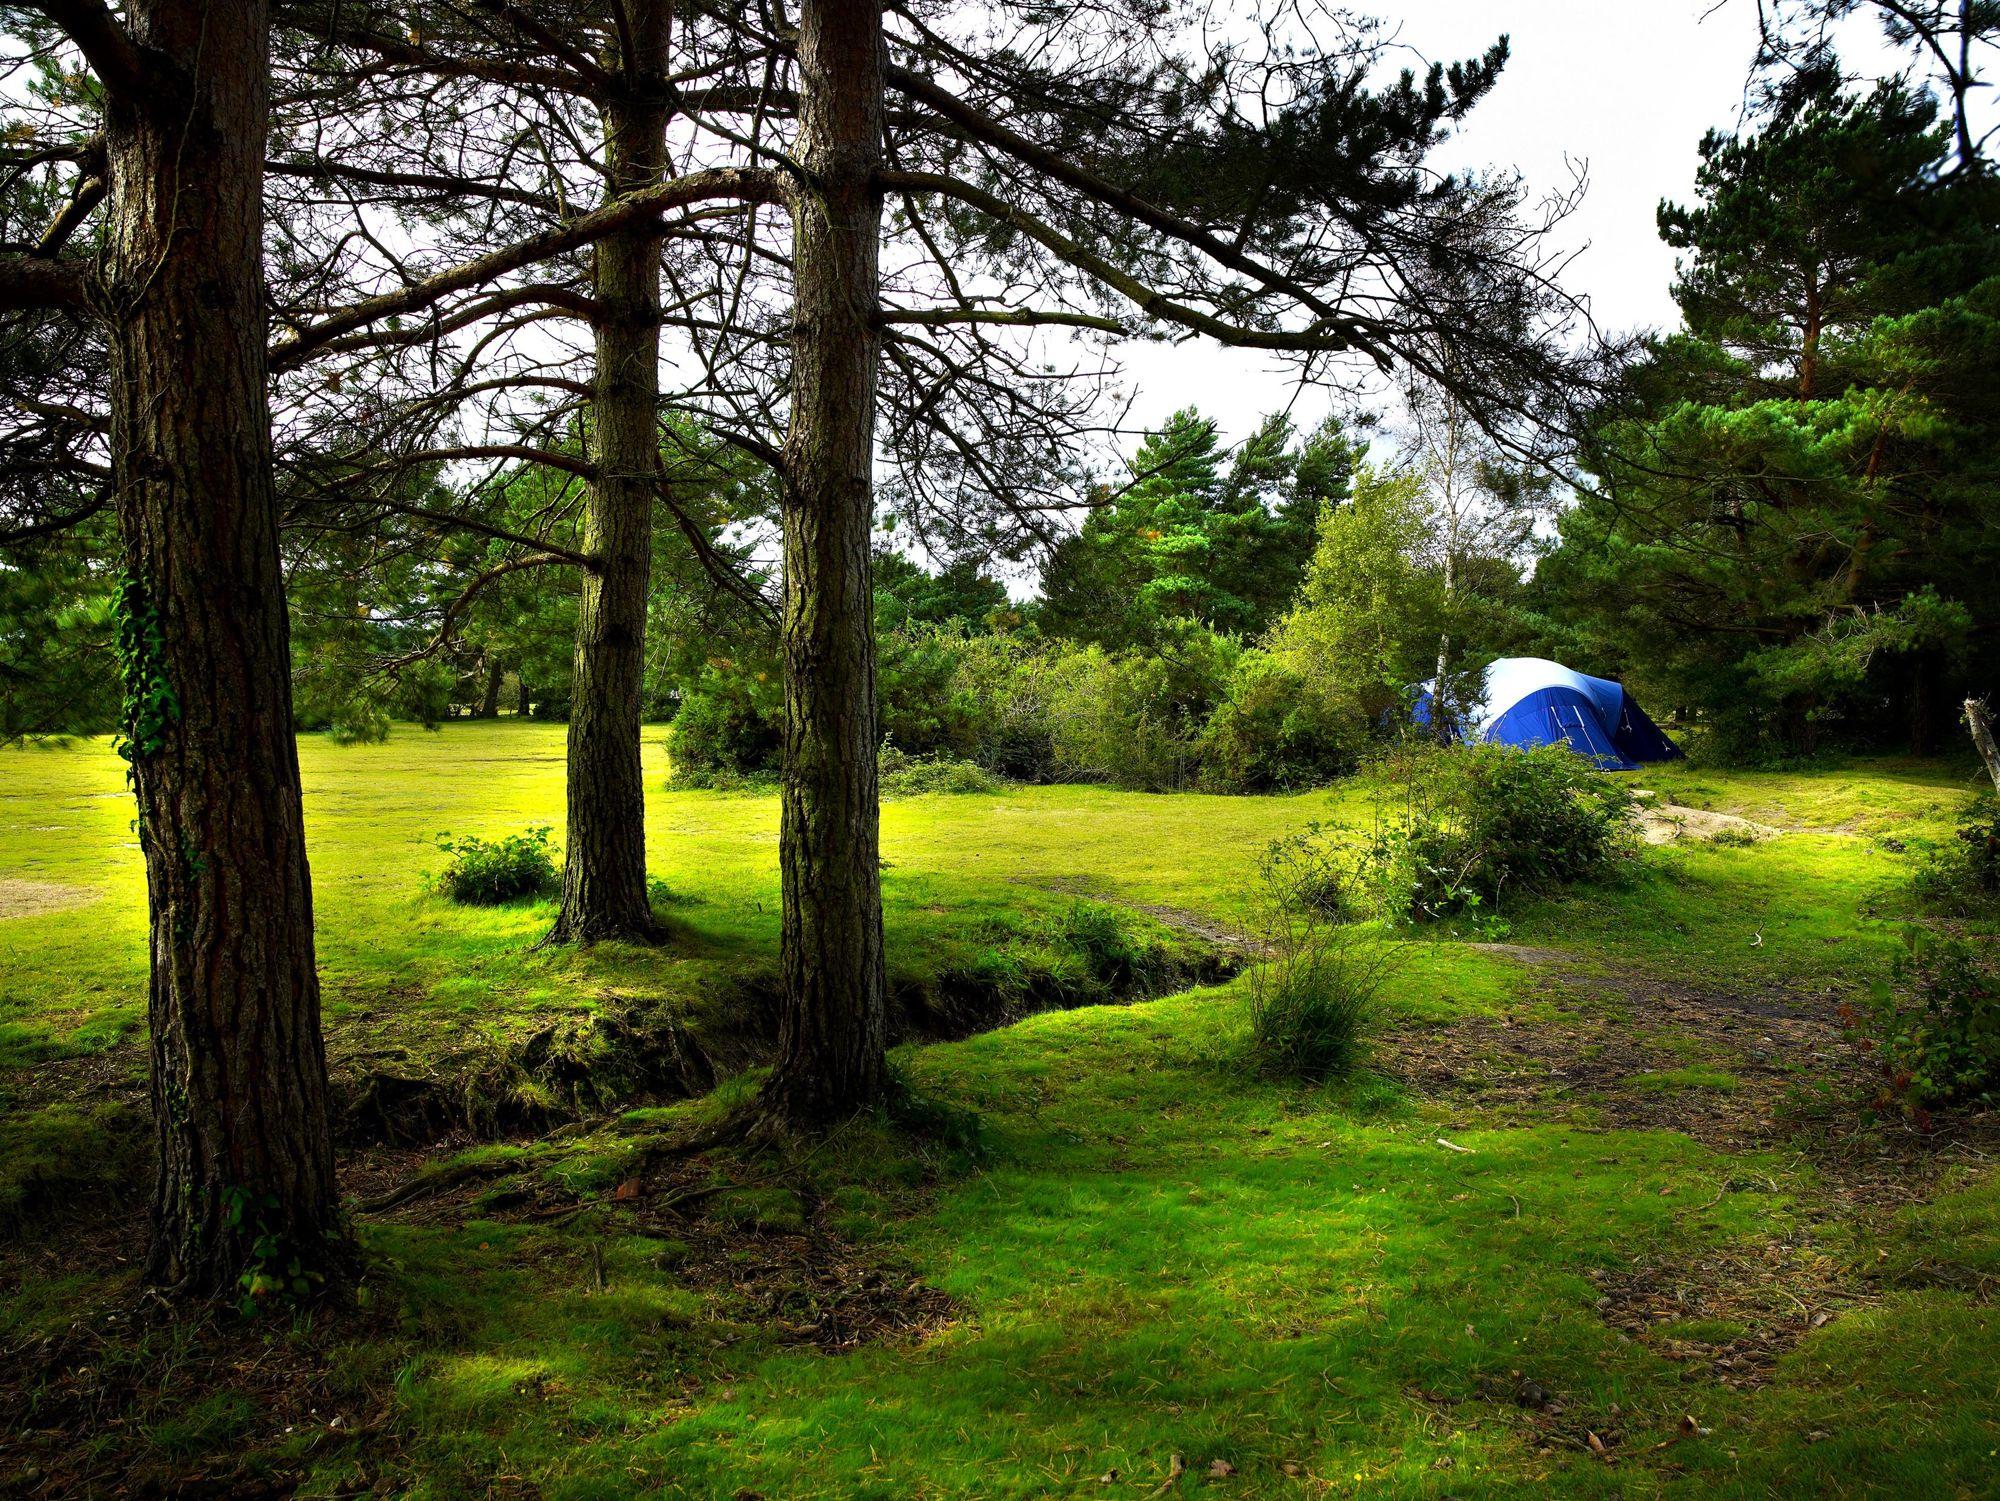 Roundhill Campsite